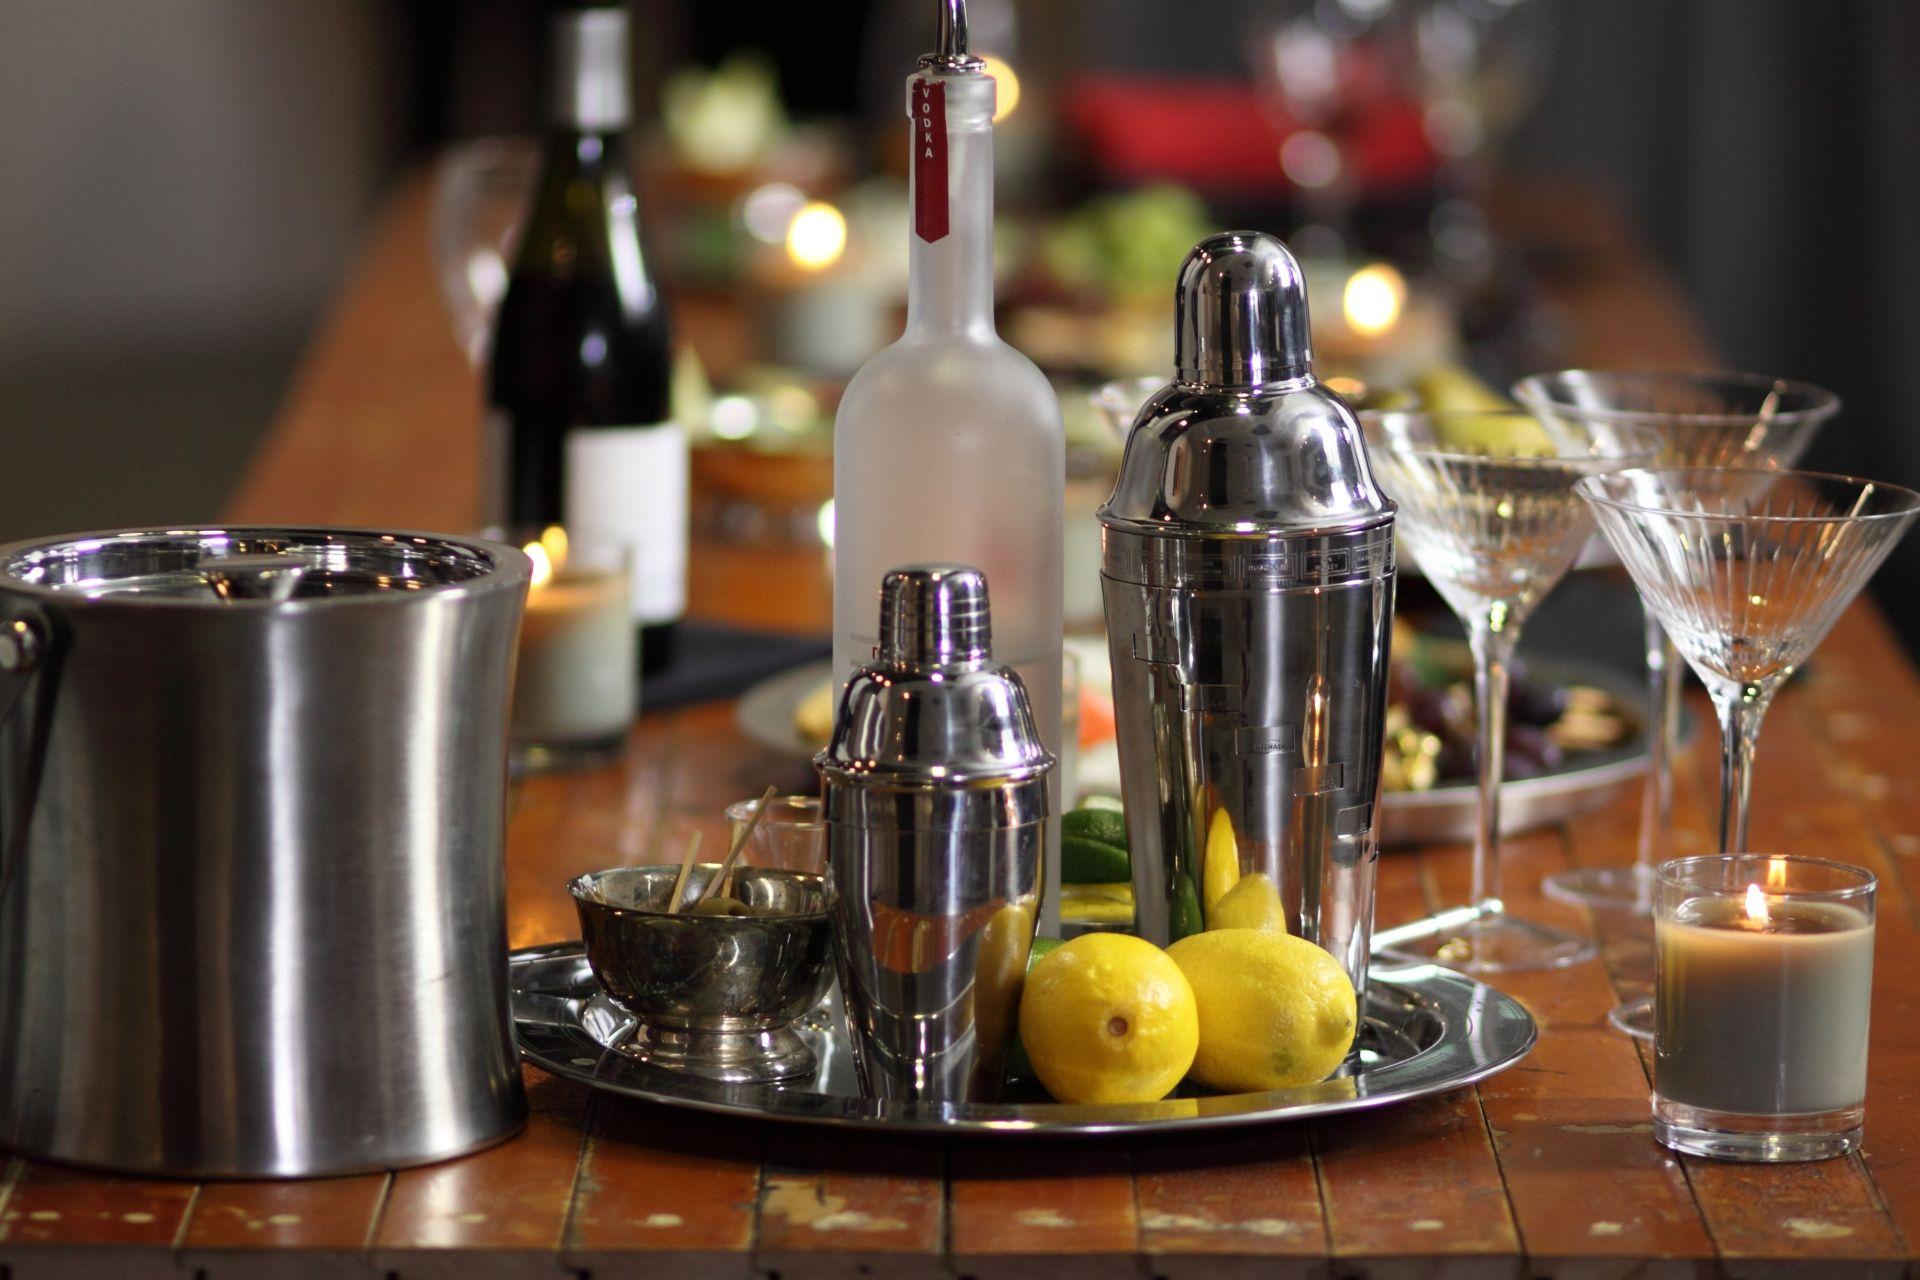 Mesa de madeira com coqueteleiras em cima de uma bandeja prata junto com um balde de gelo e três taças de martini